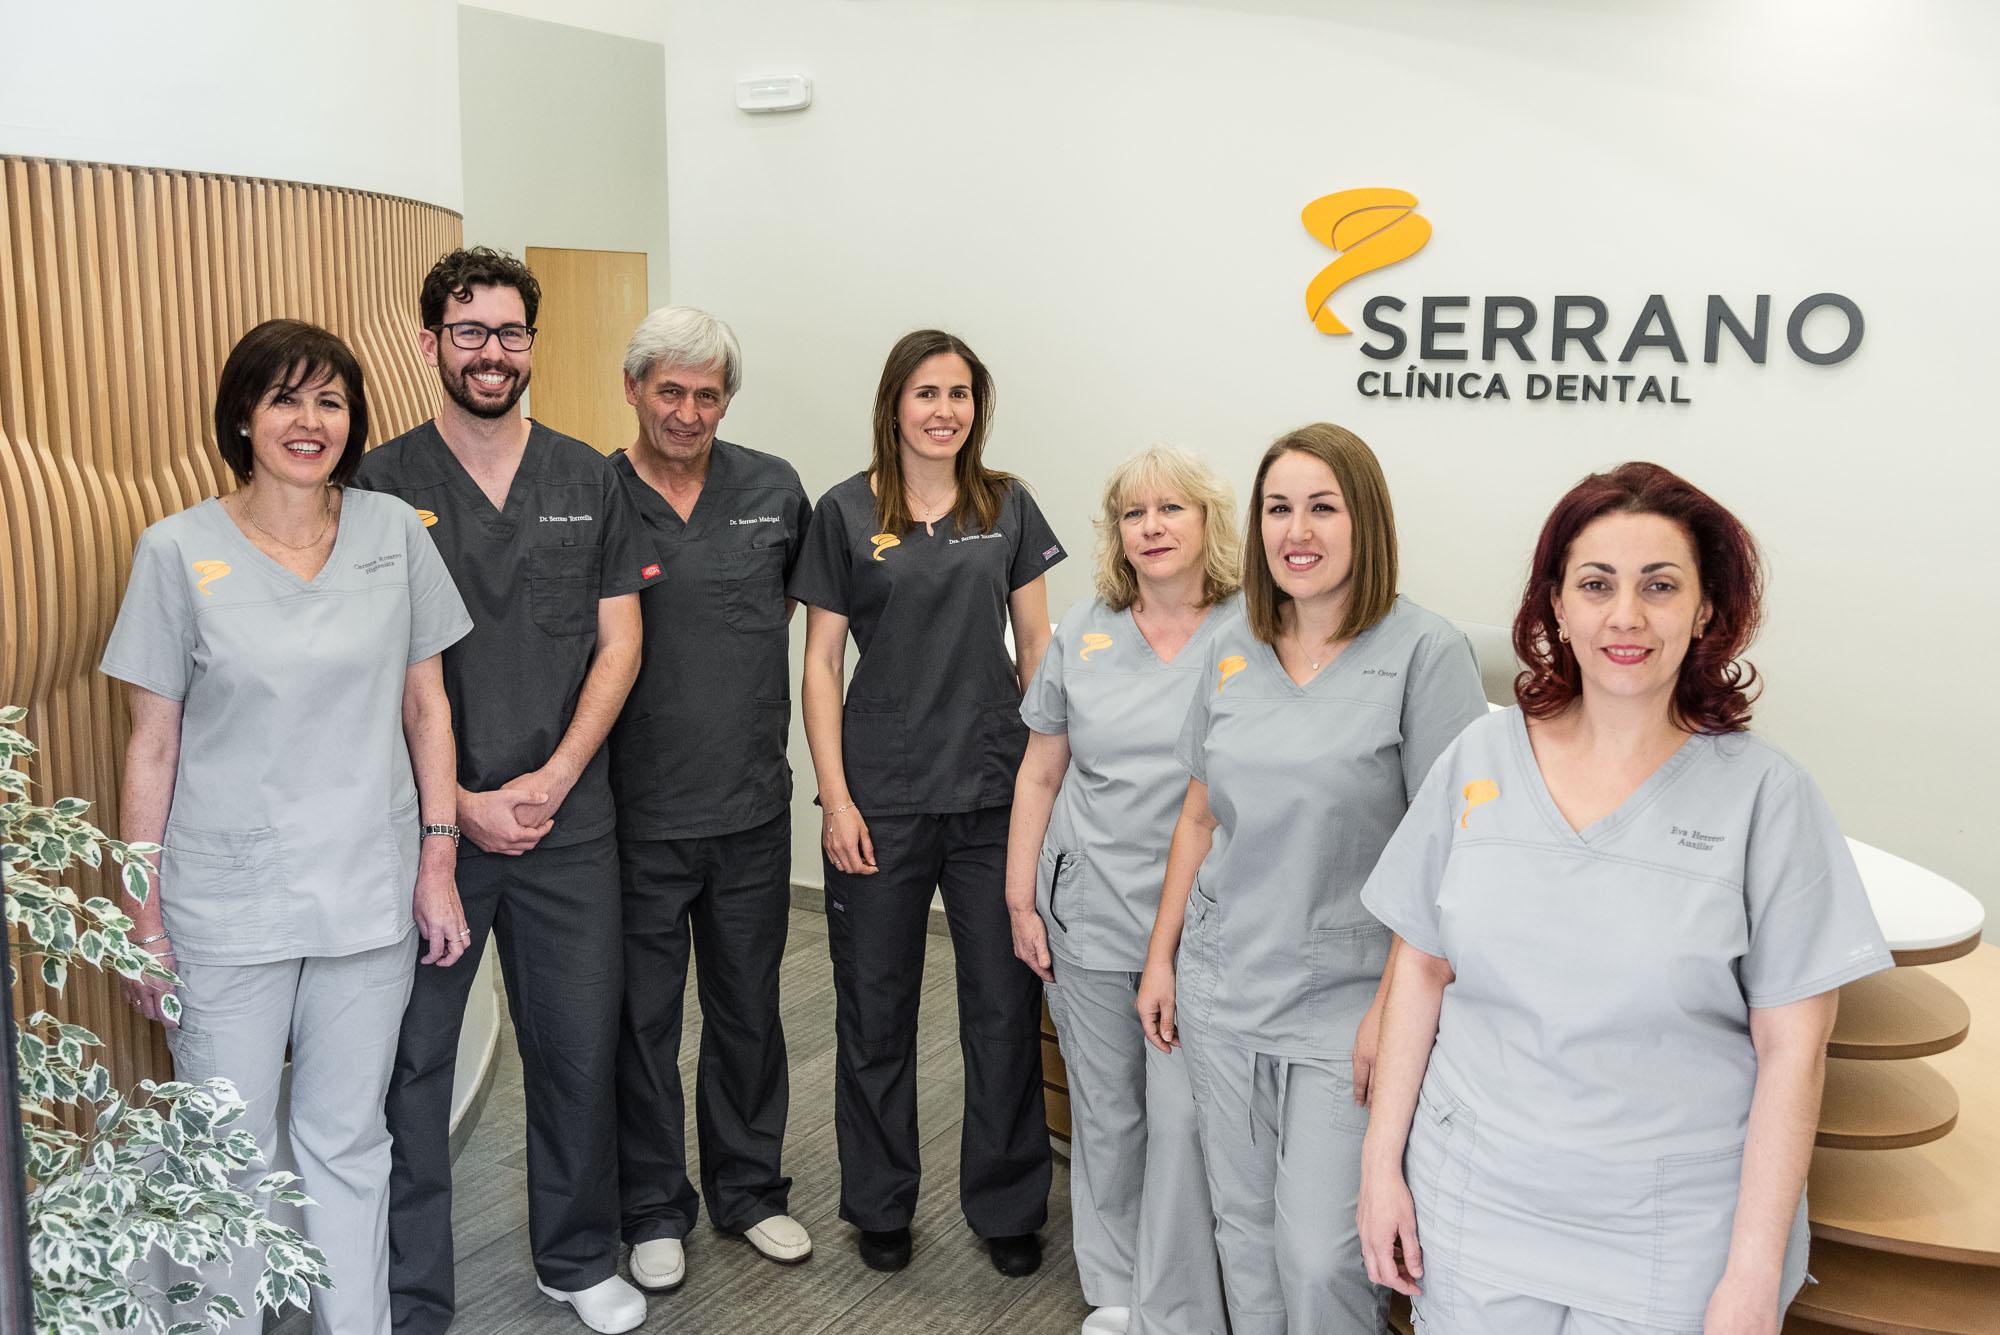 Clínica dental Serrano